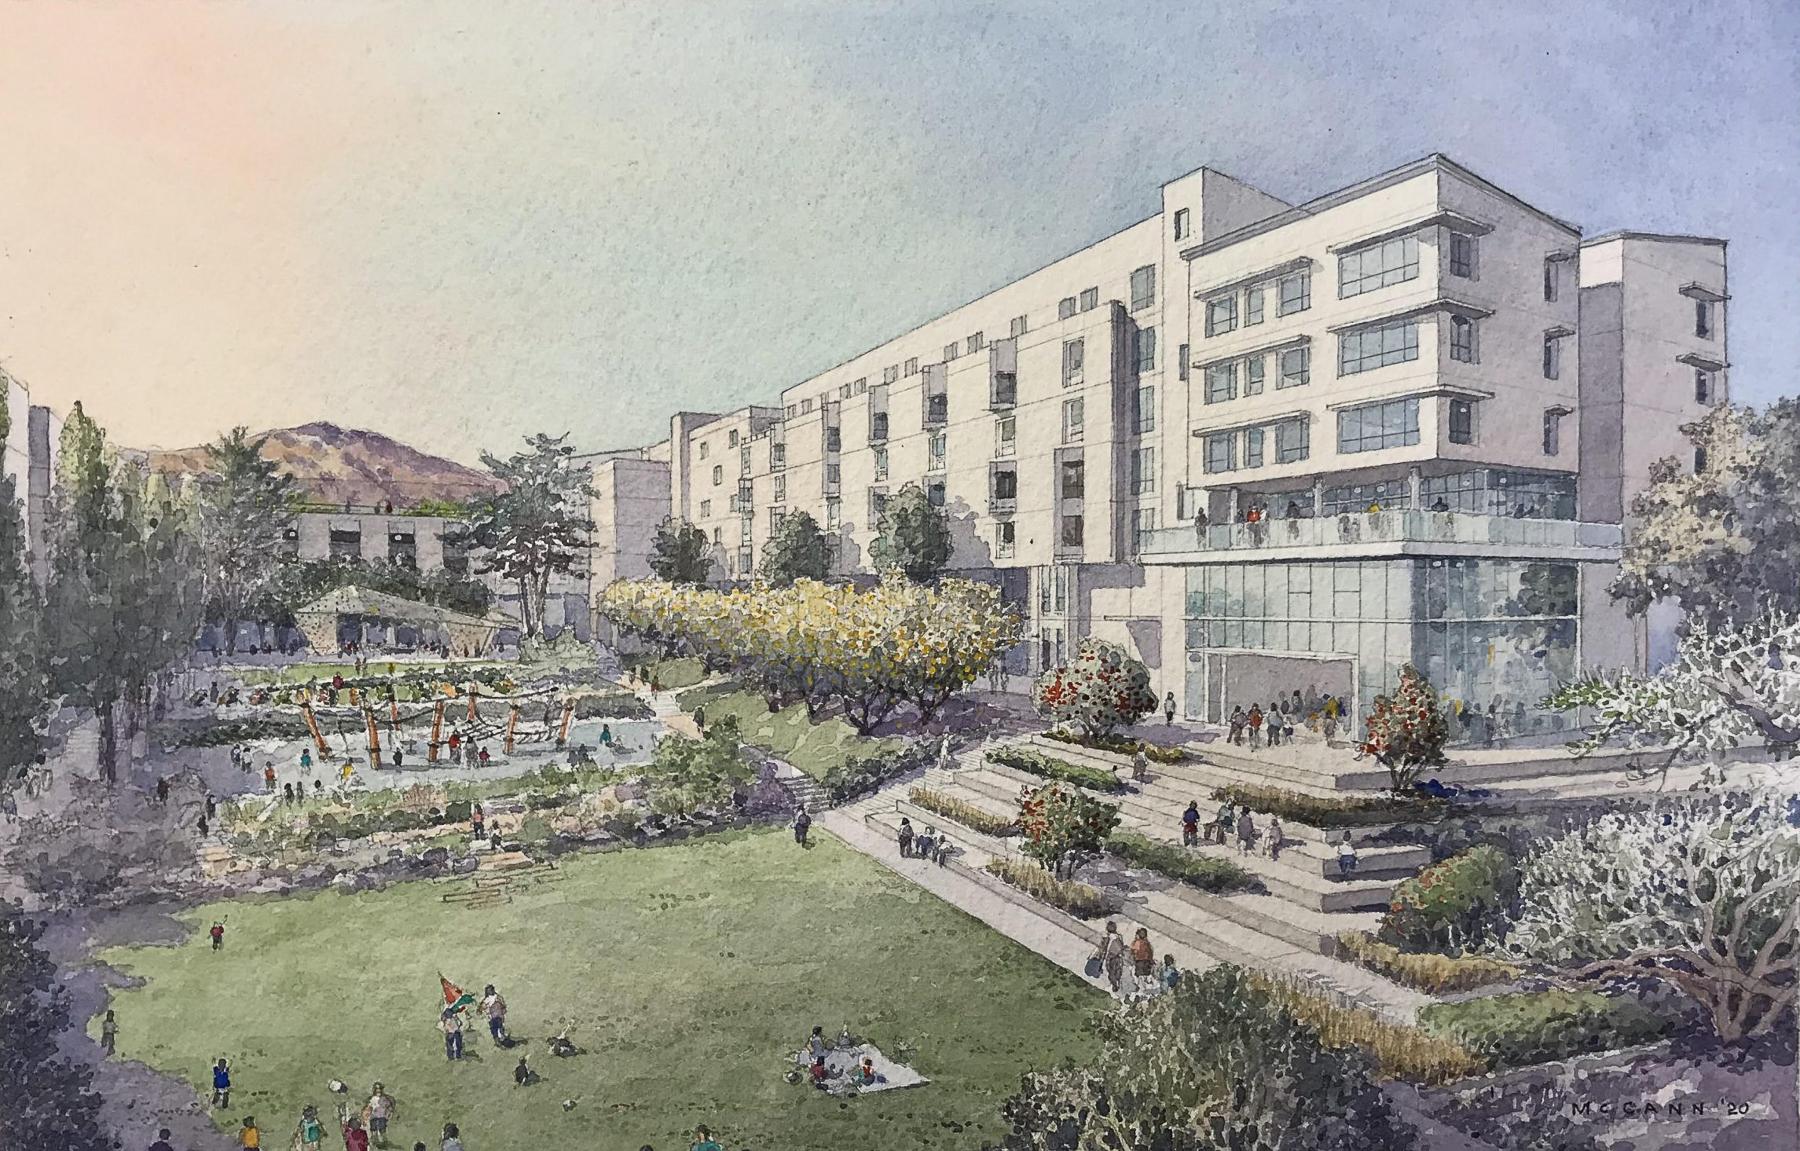 Balboa Reservoir development site focused around Reservoir Park, illustration from VMWP